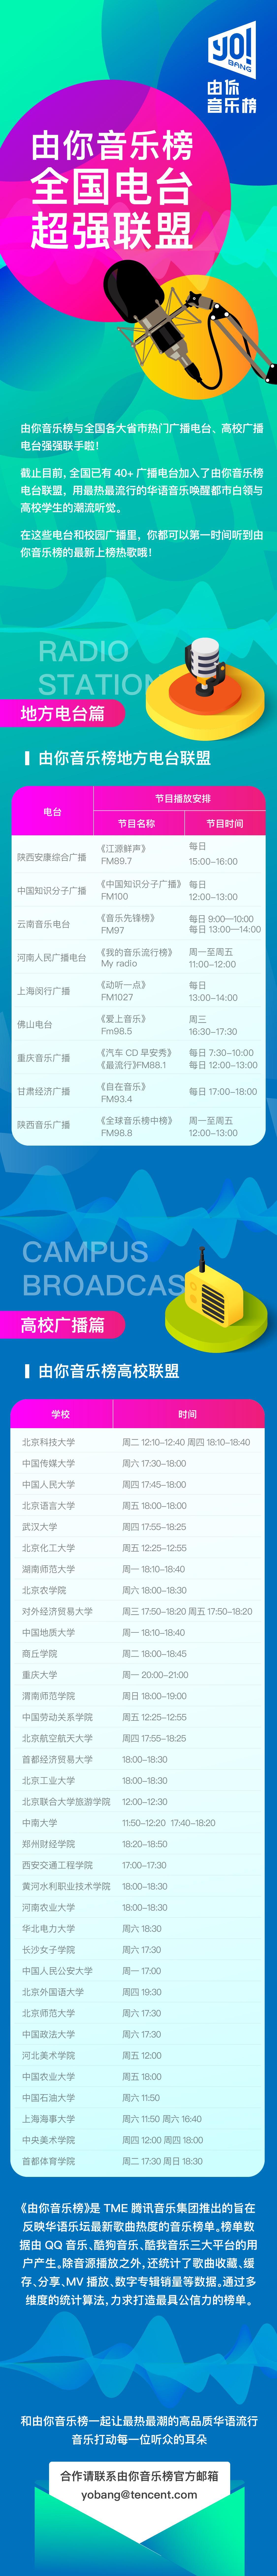 cctv音乐排行榜_小潘潘出席央视全球中文音乐榜上榜带来金曲串烧/1